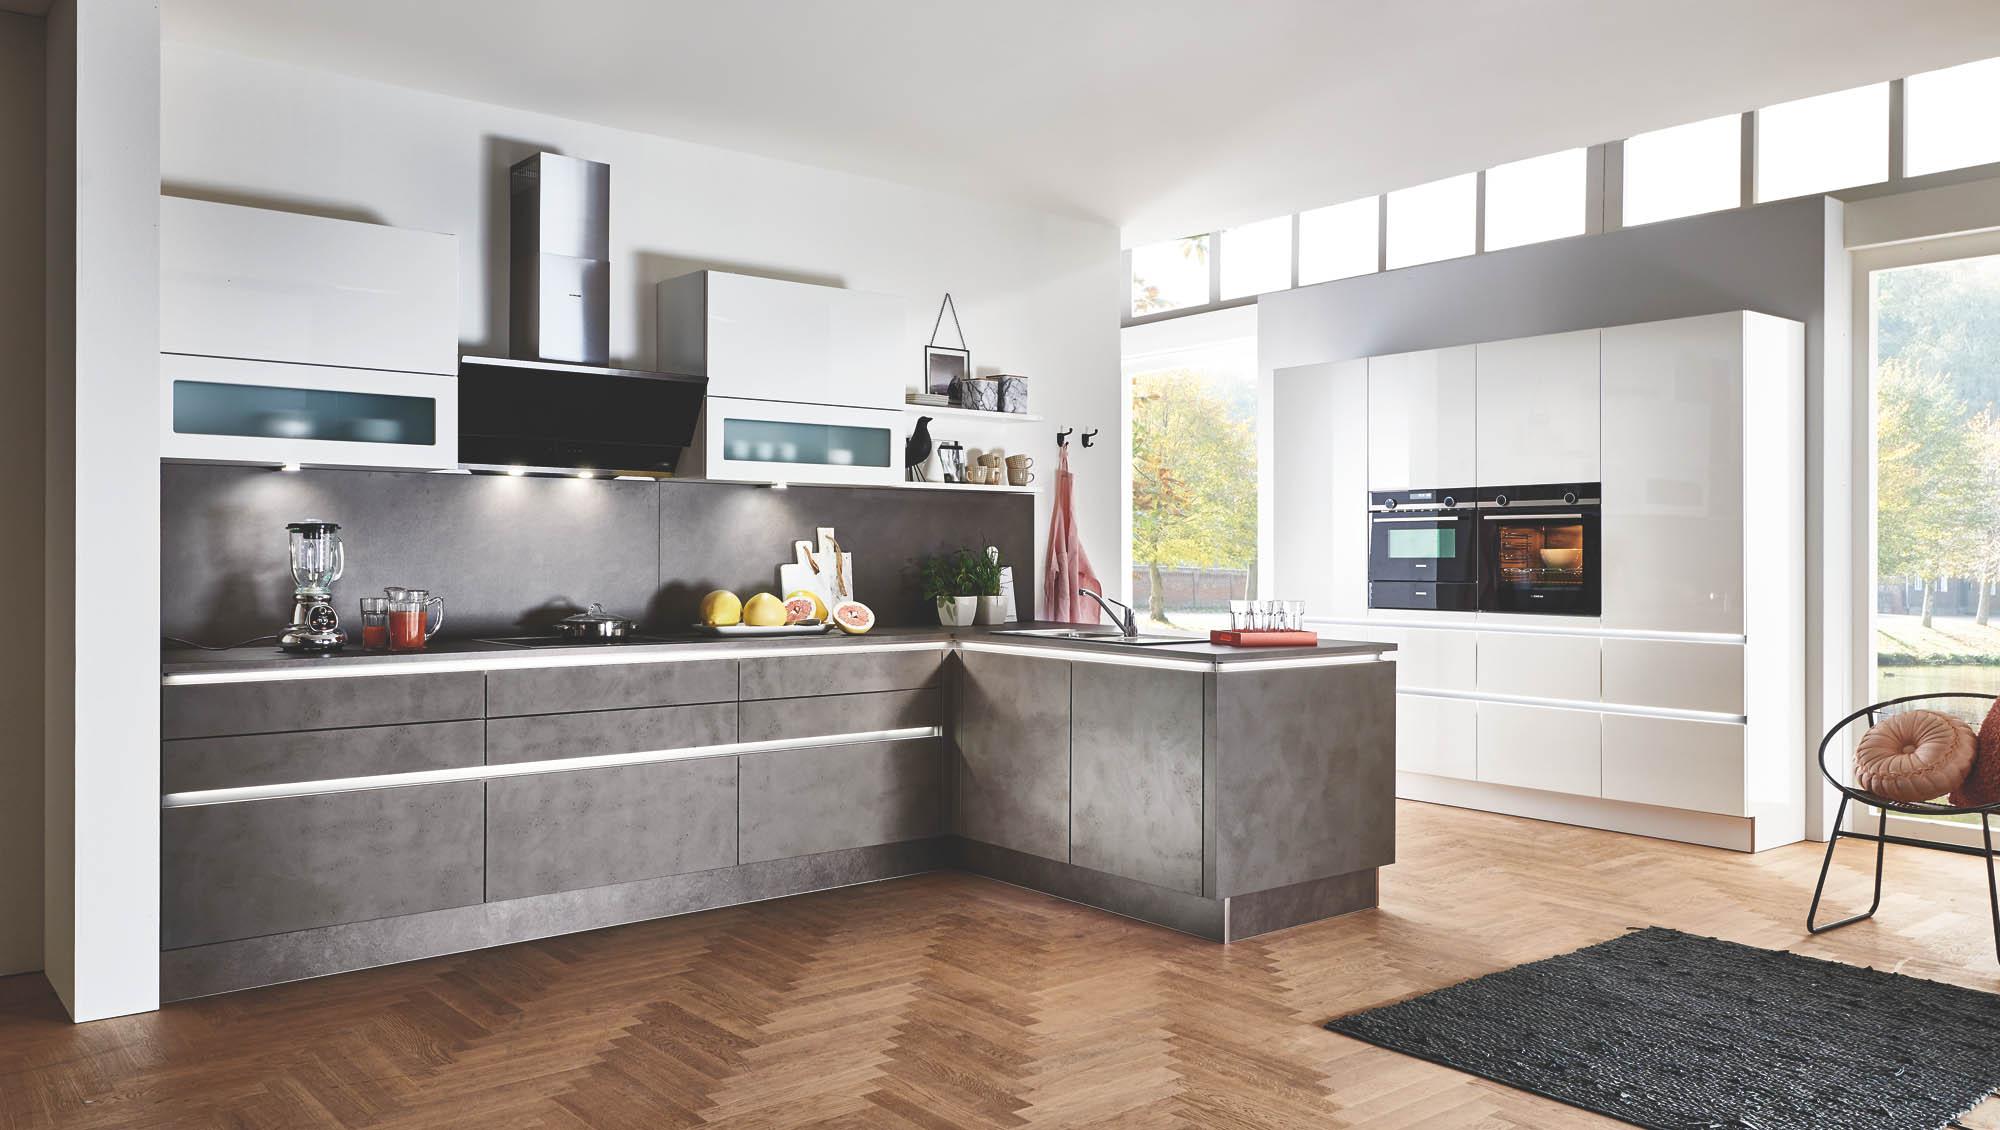 Full Size of Portland   Zement Anthrazit / Nova Lack   Weiß Hg Küche Einbauküche Mit E Geräten